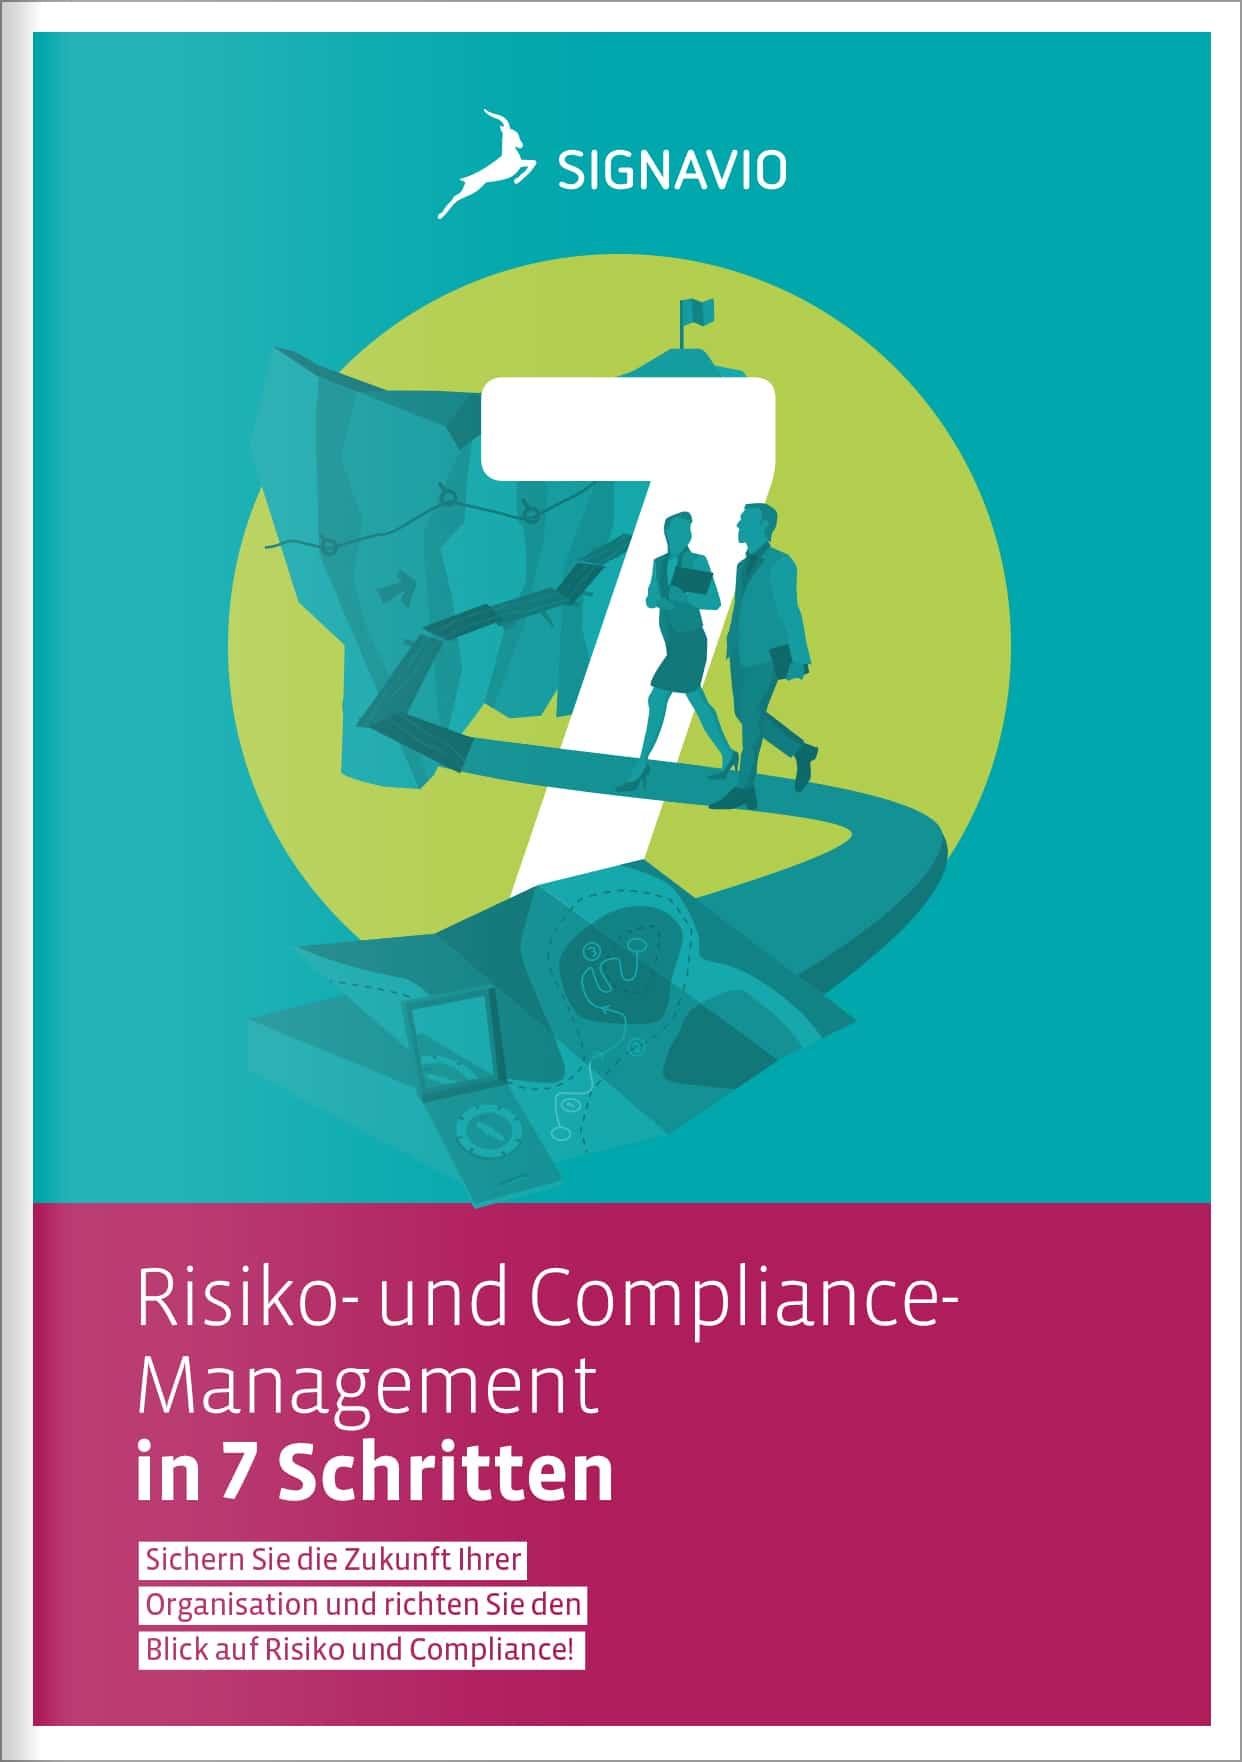 Risiko- und Compliance-Management in 7 Schritten (de)